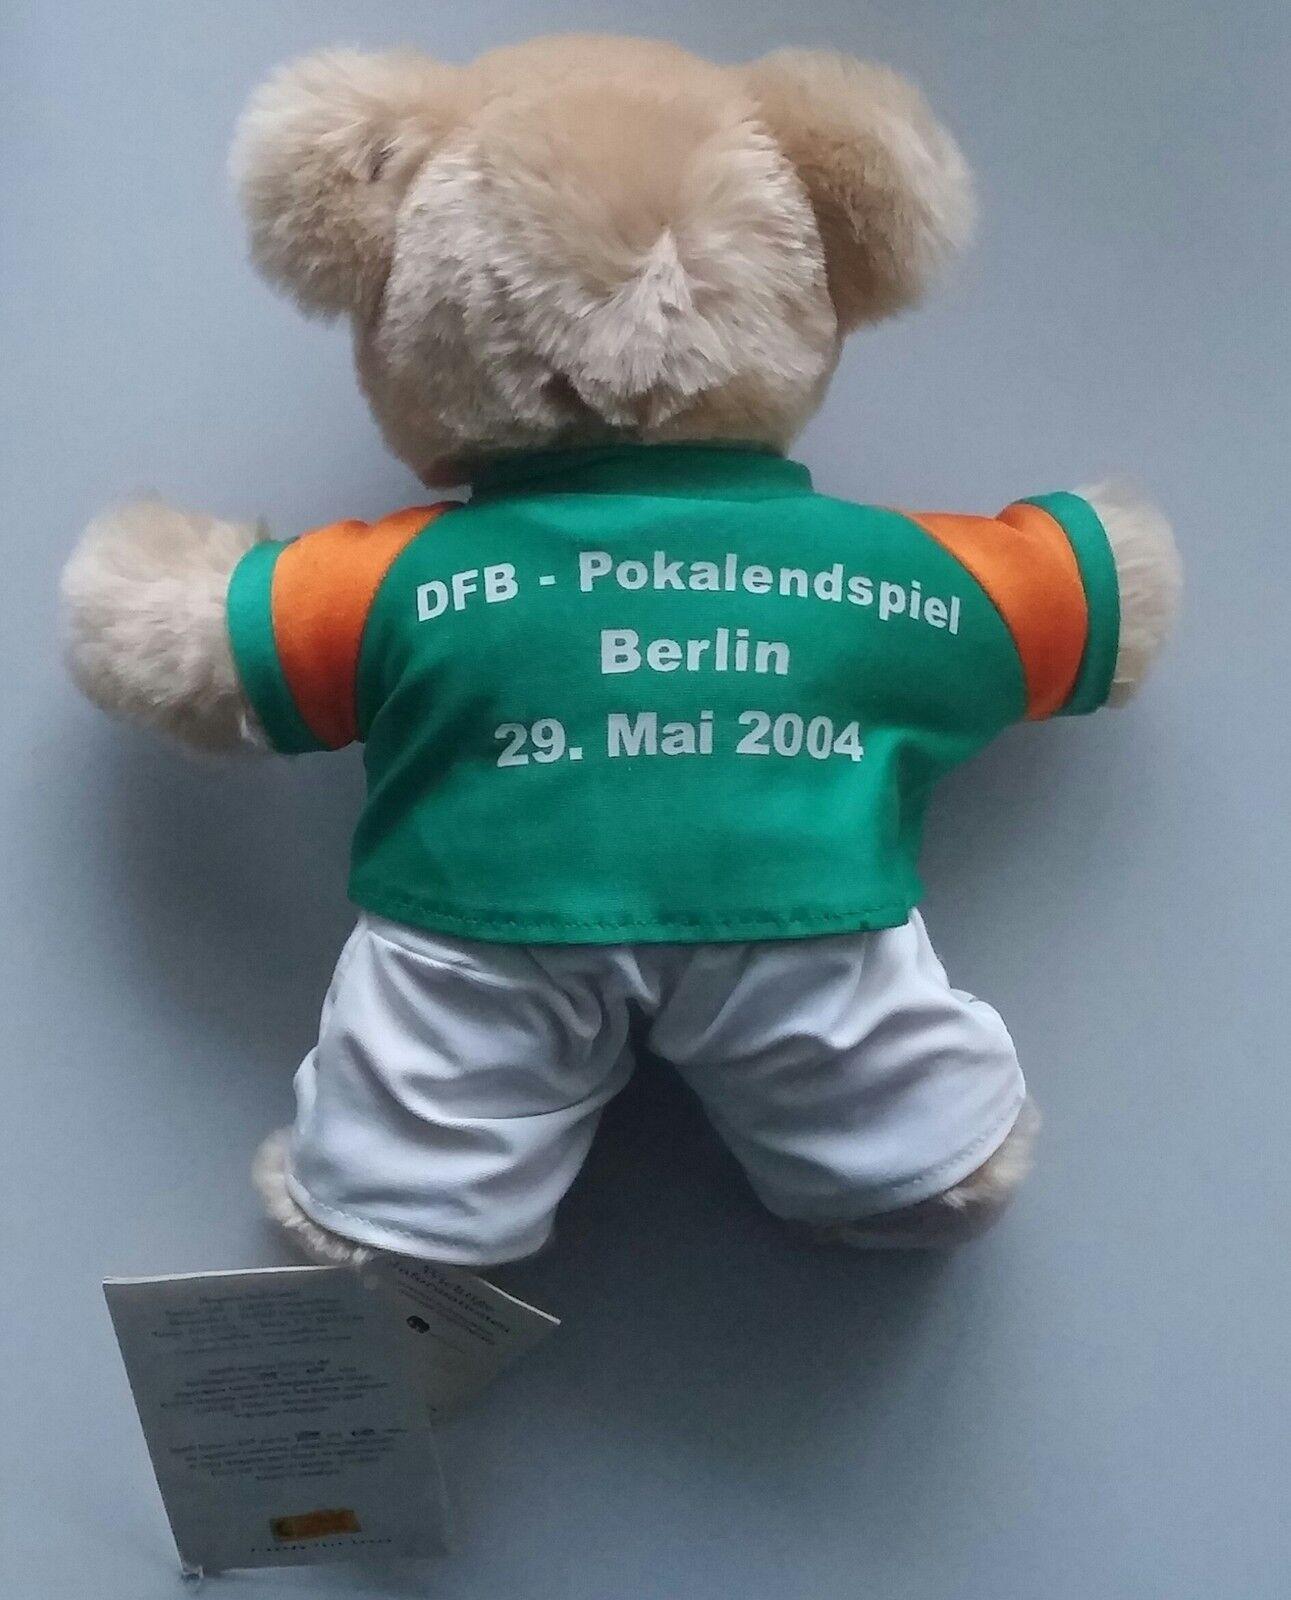 Werder Bremen Steiff Steiff Steiff Teddy Sonderotition DFB Pokalspiel Berlin 2004 selten a1fdd4